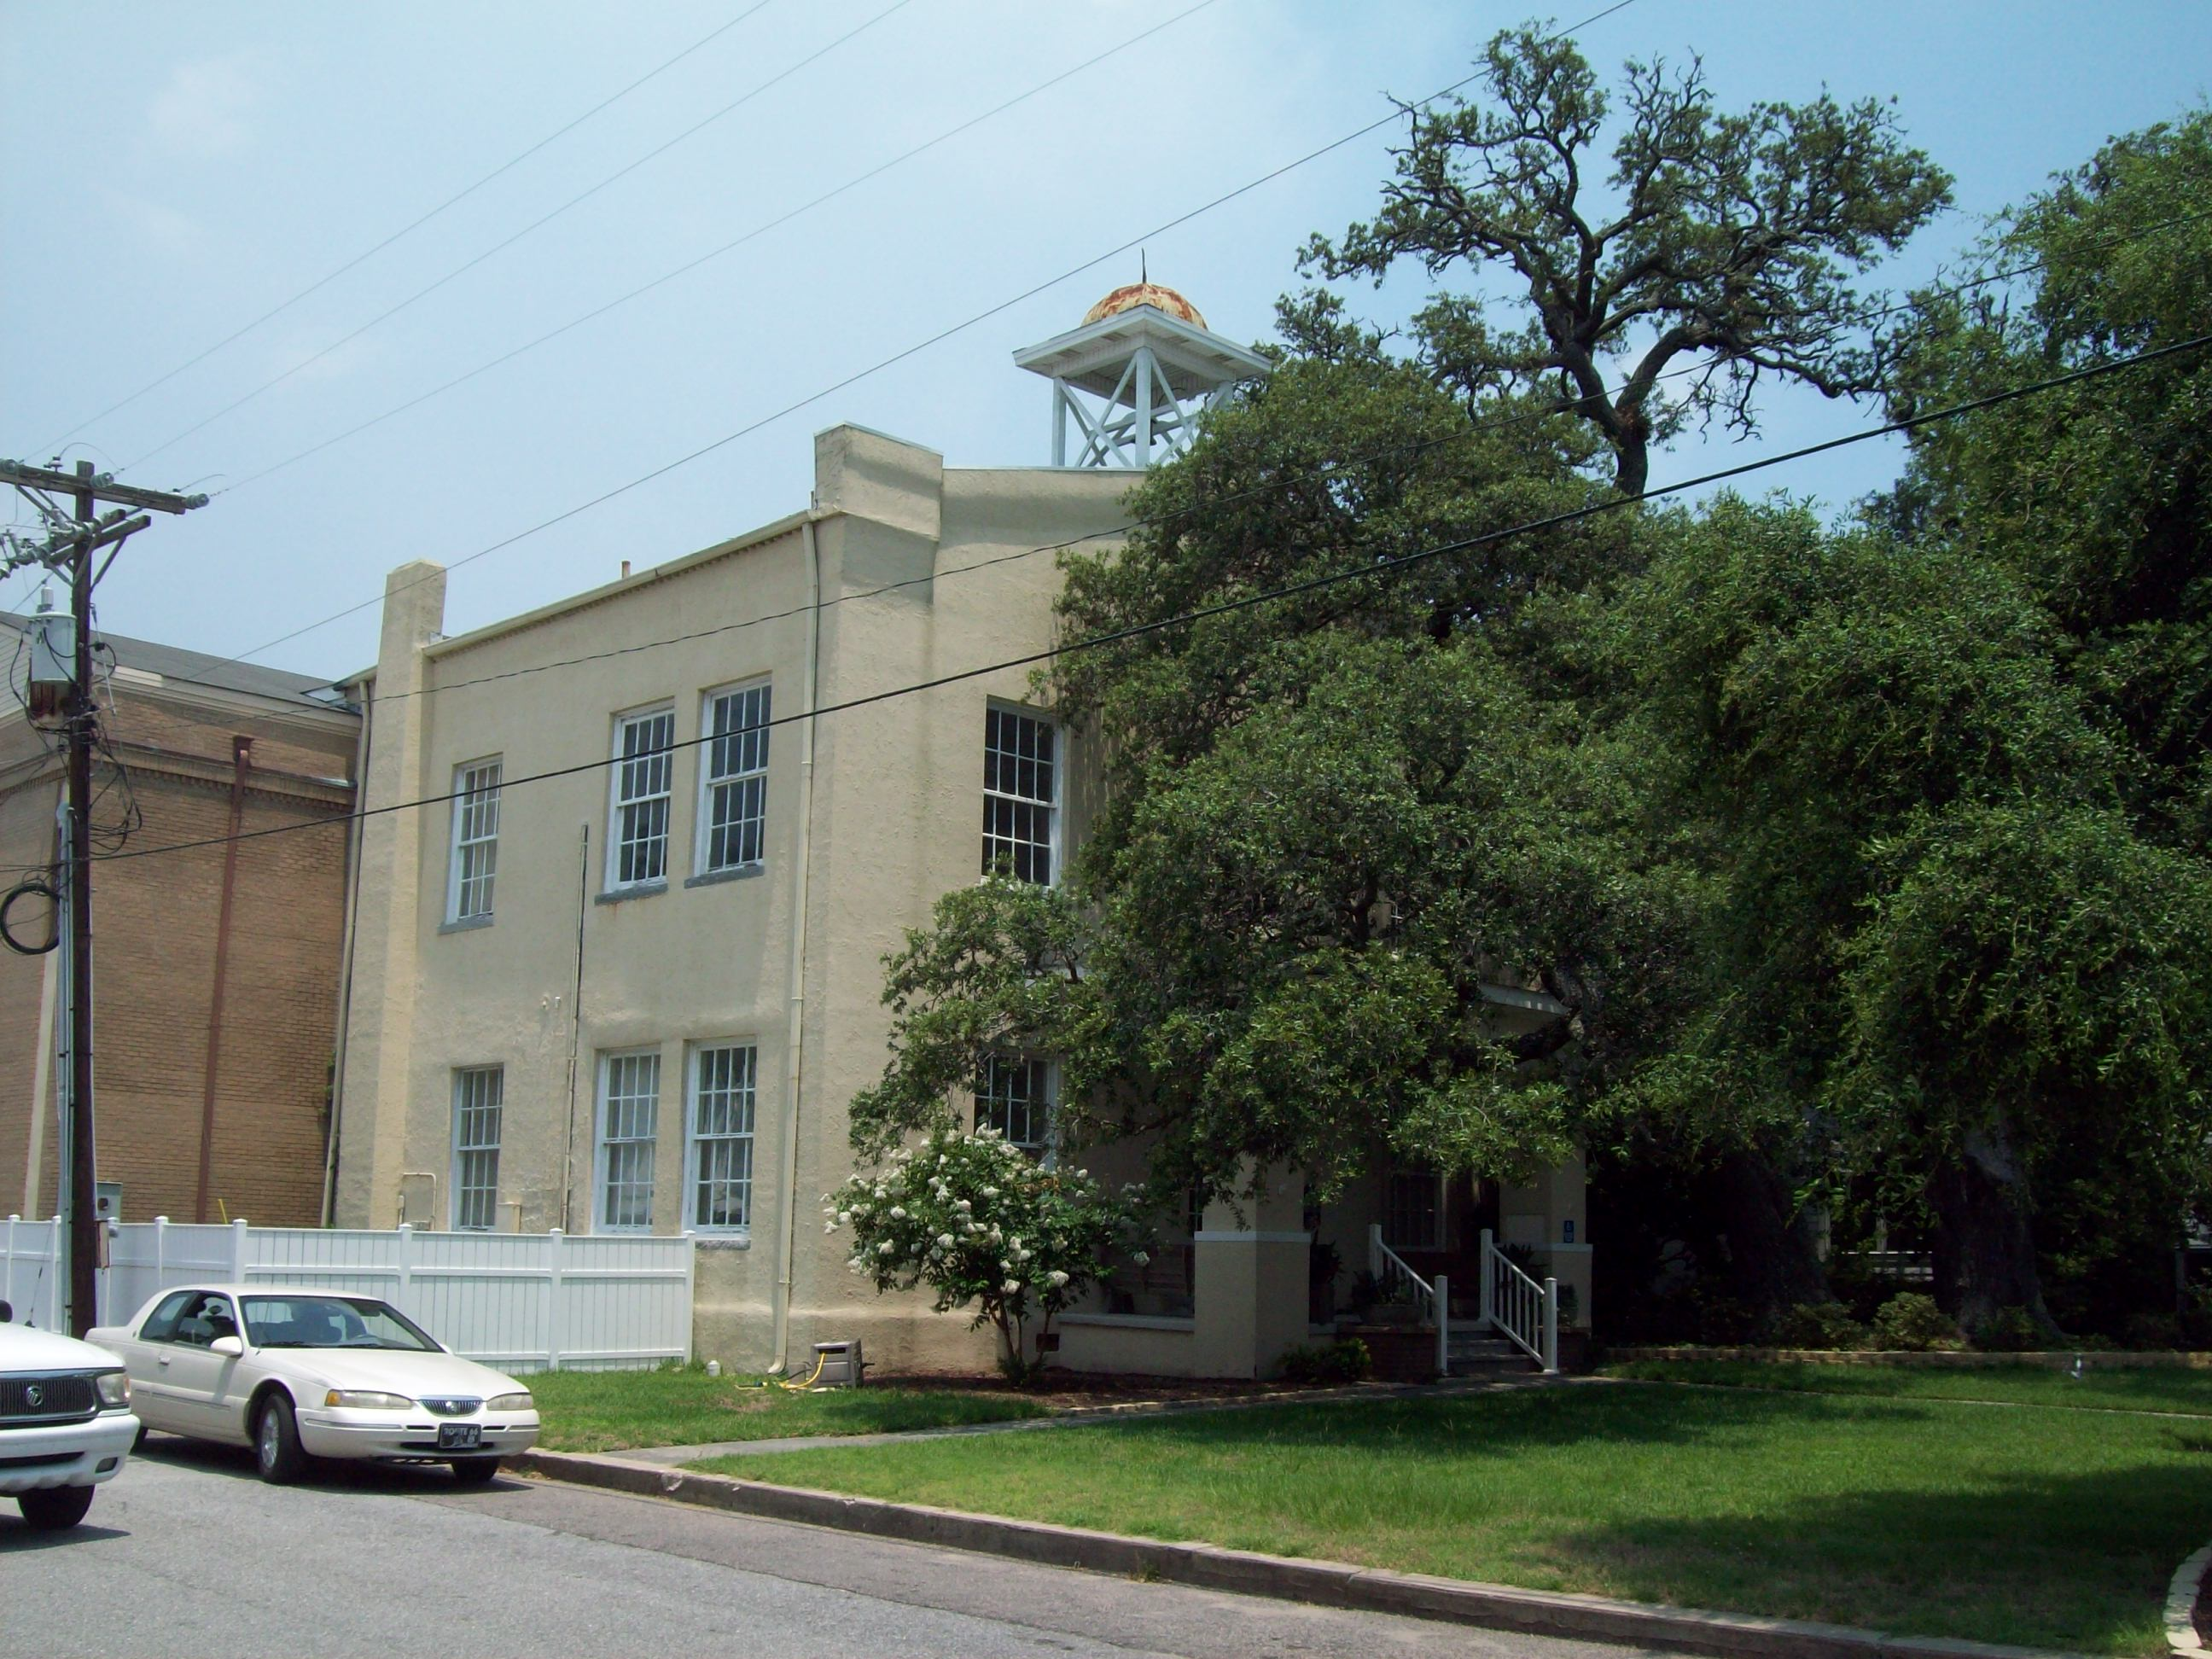 Brunswick County Courthouse (North Carolina) - Wikipedia